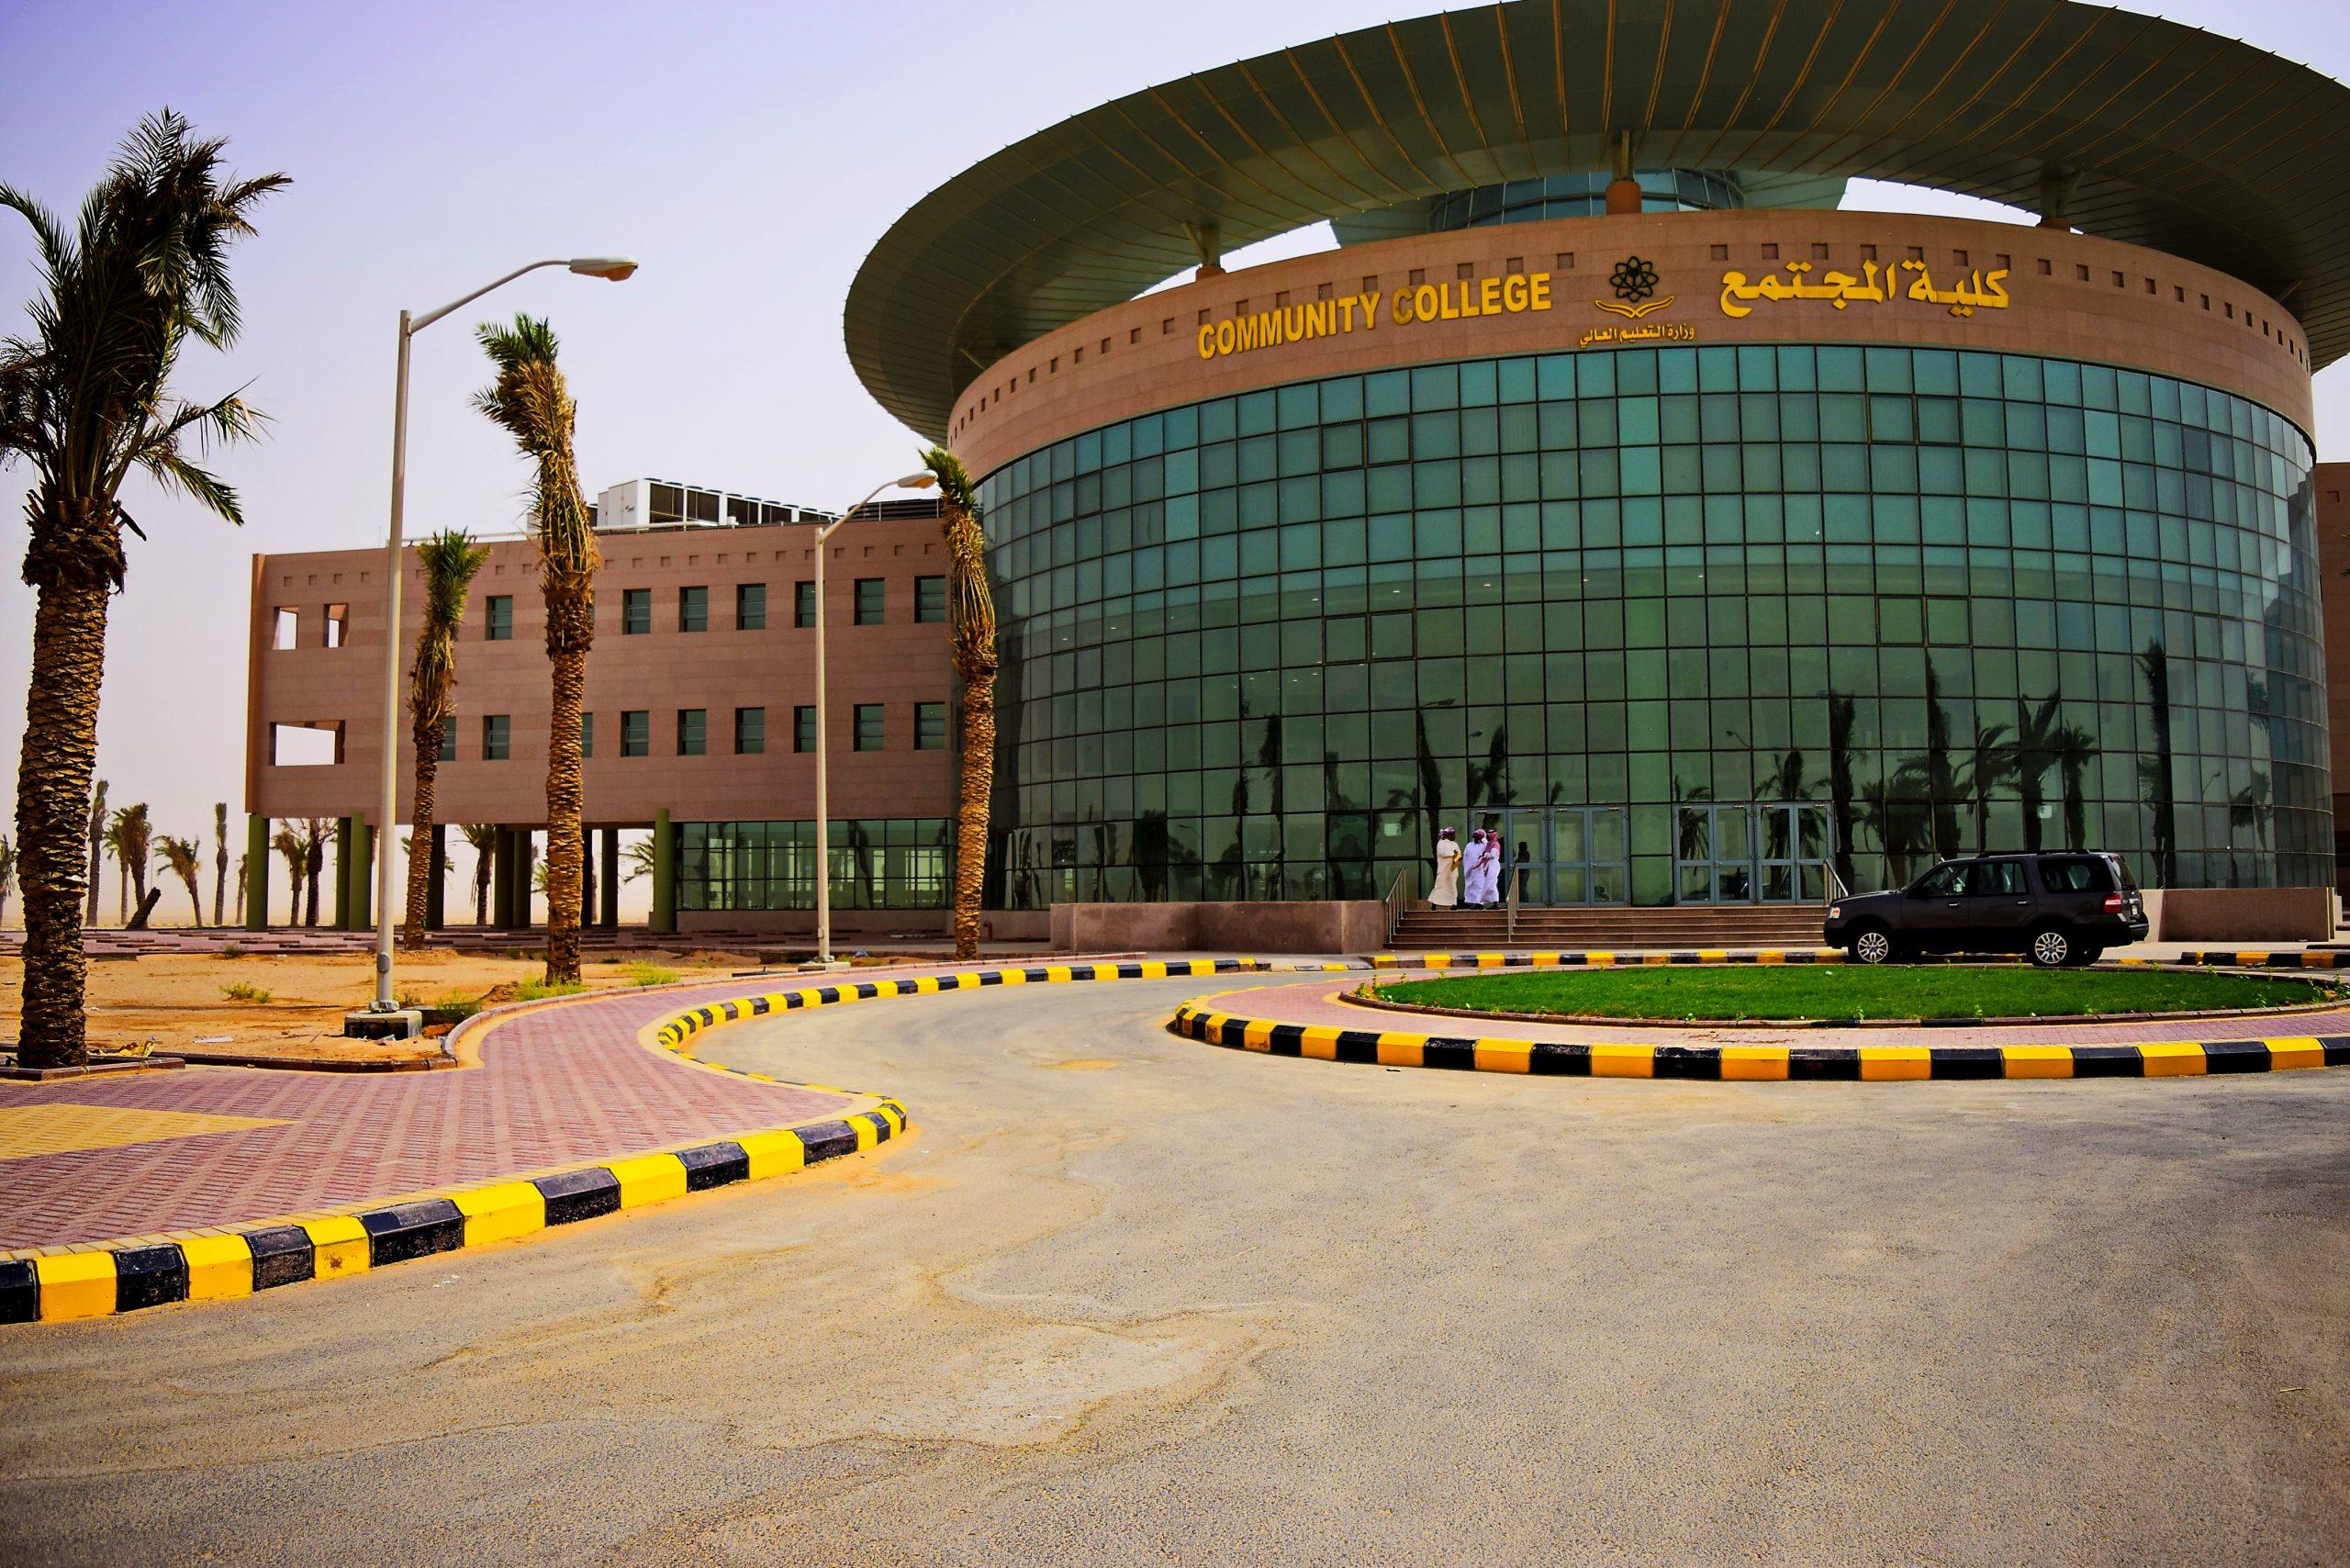 بلاك بورد جامعة حفر الباطن الجديد تسجيل دخول السعودية 24